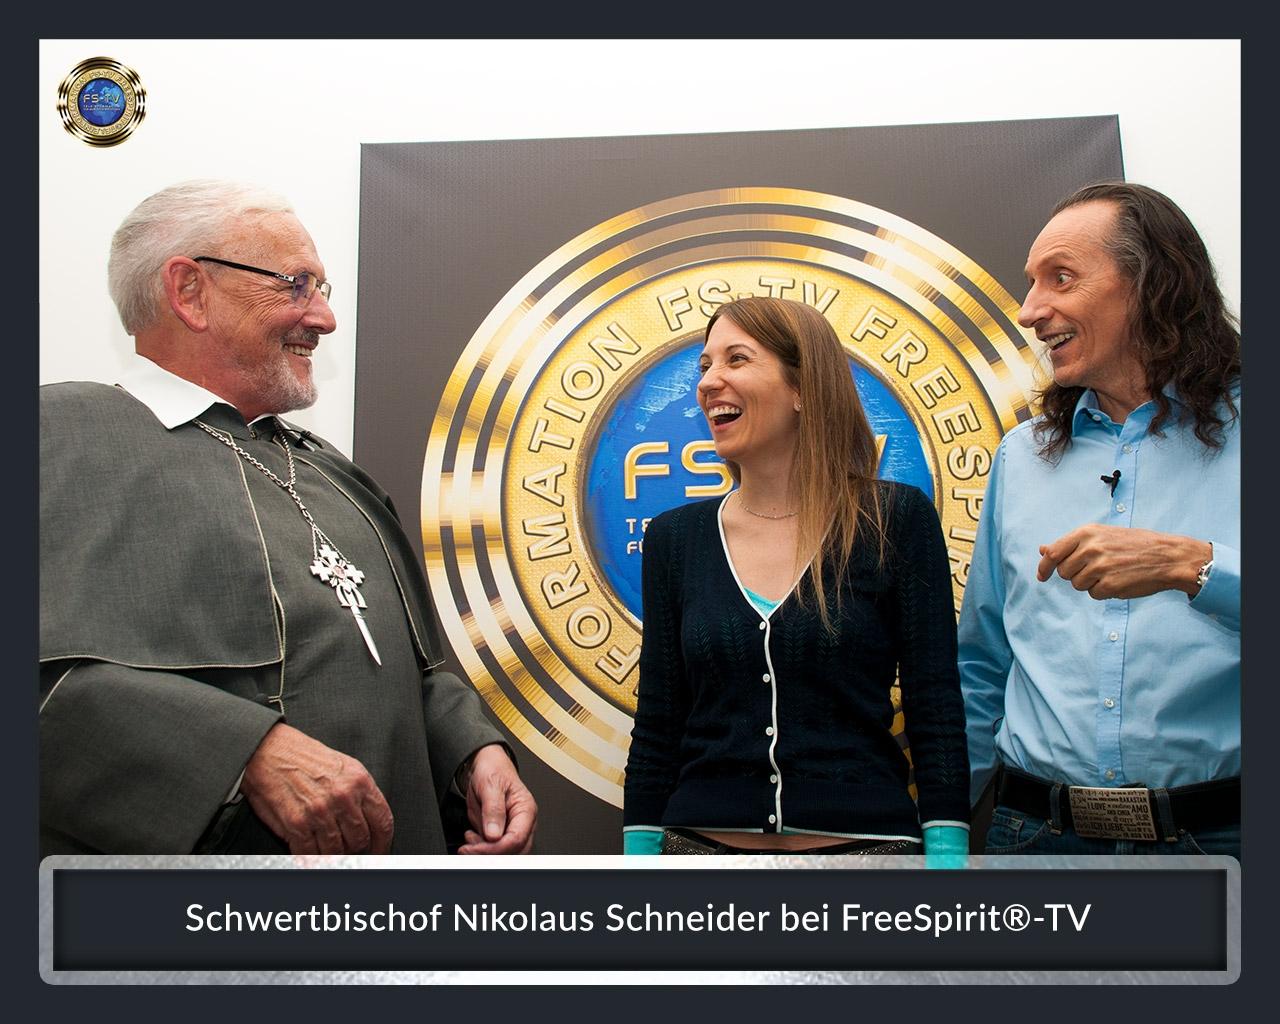 FS-TV-Bildergallerie-Schwertbischof-6